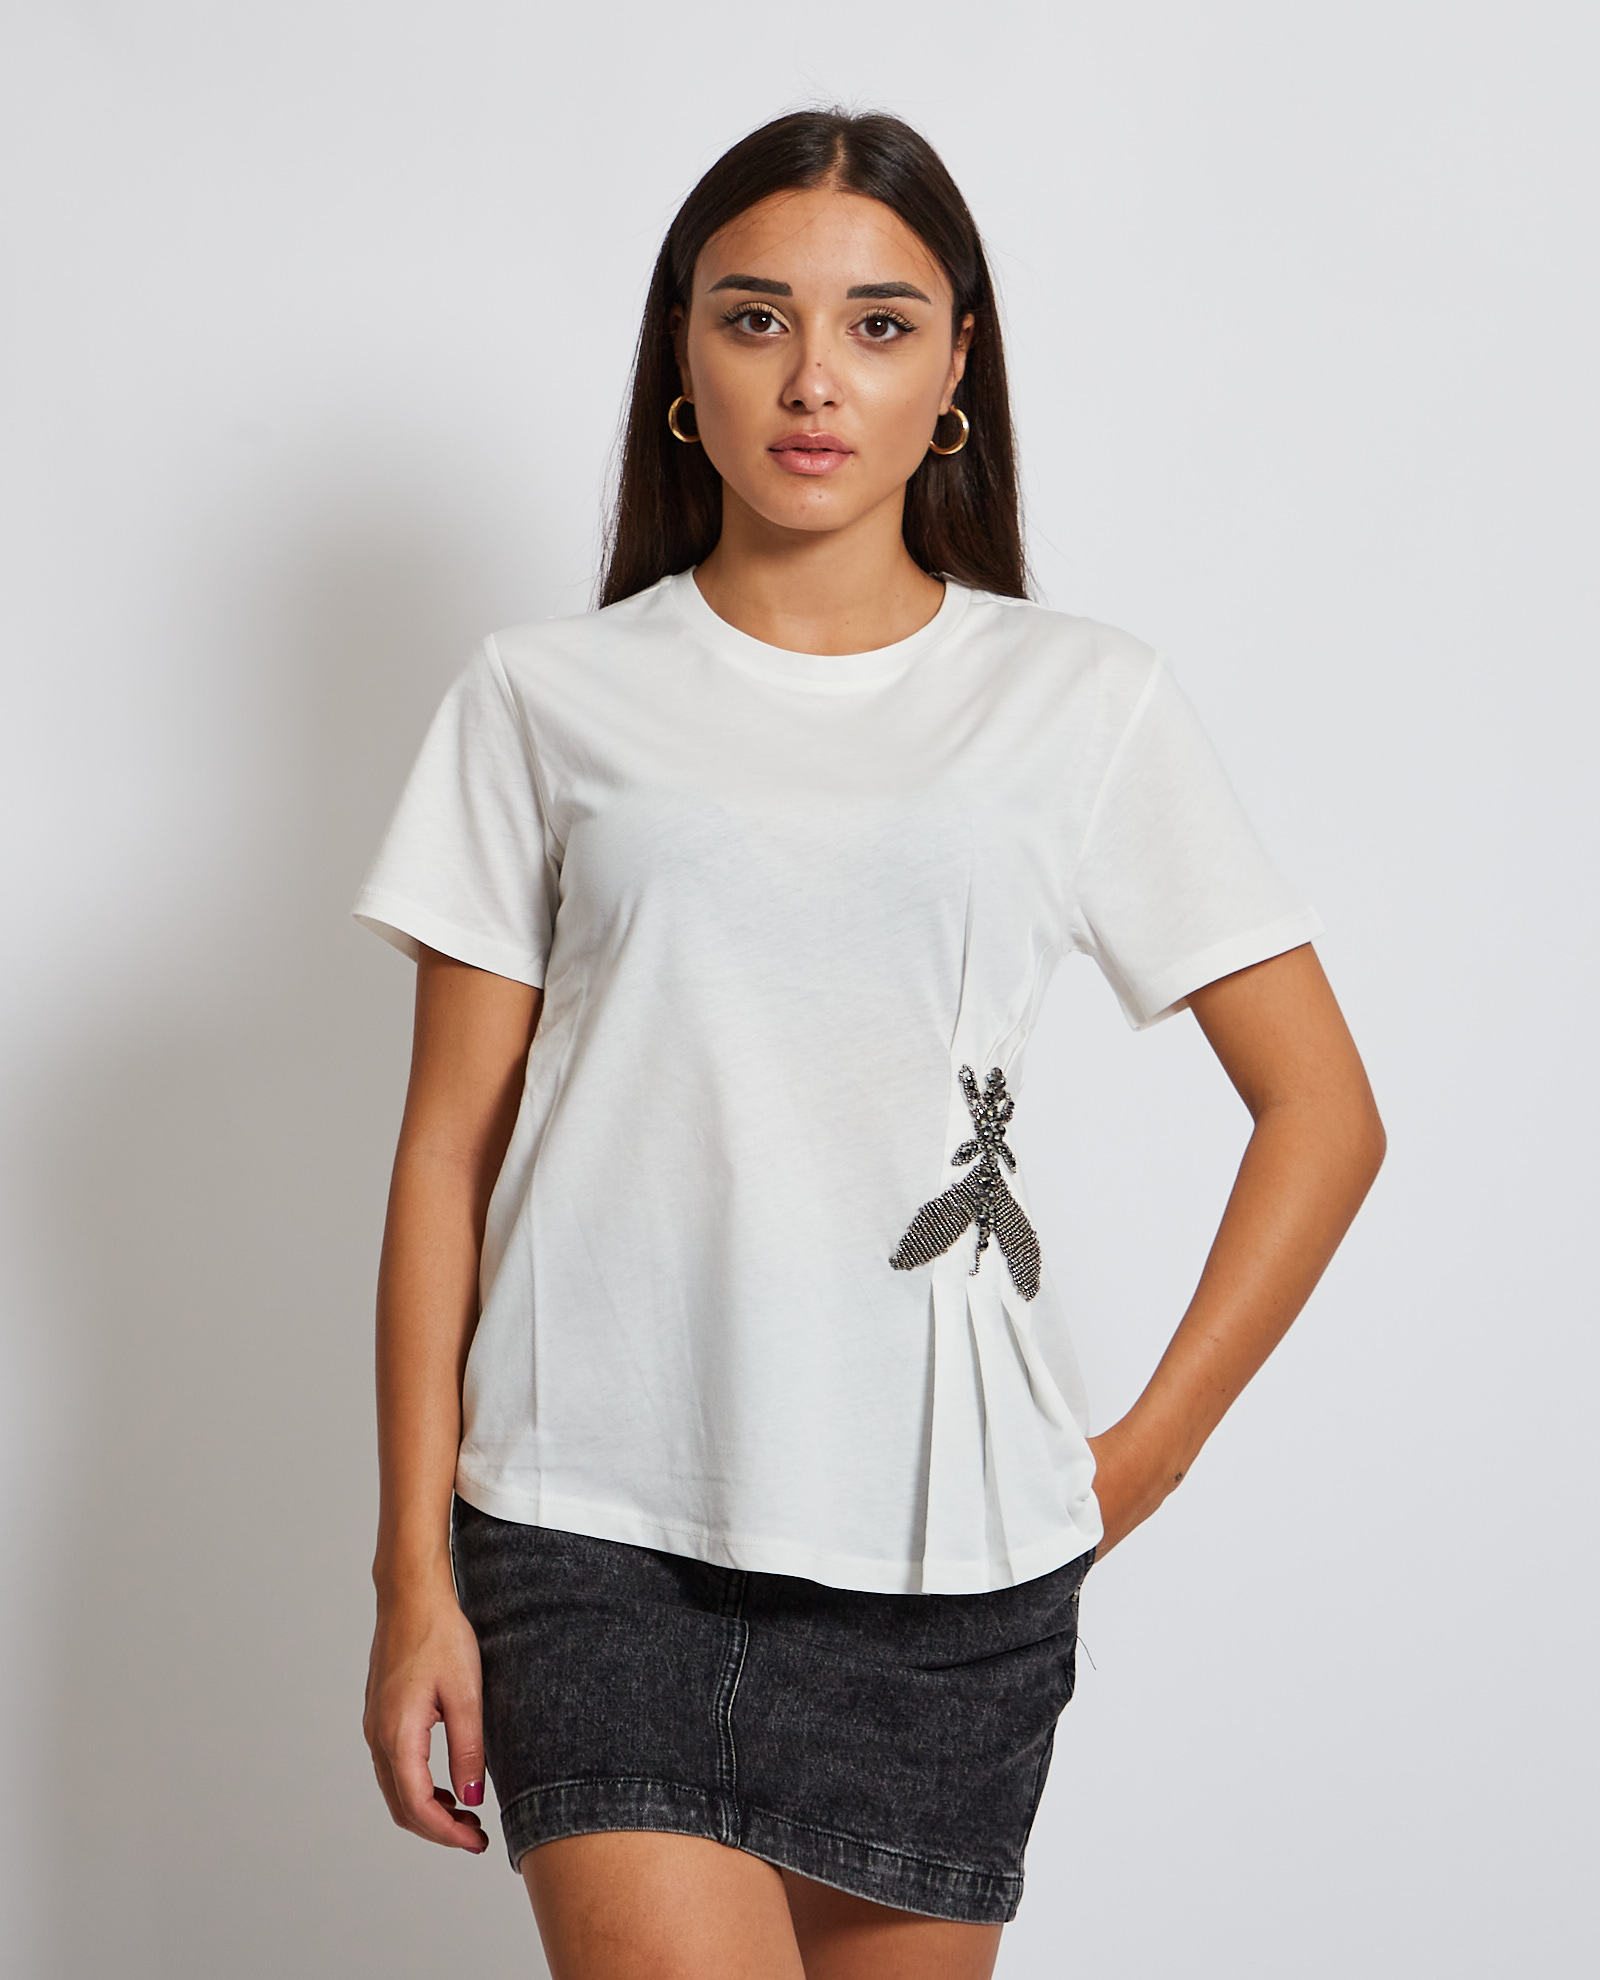 T-shirt Patrizia Pepe PATRIZIA PEPE   T-shirt   8M1357-A9K9W146